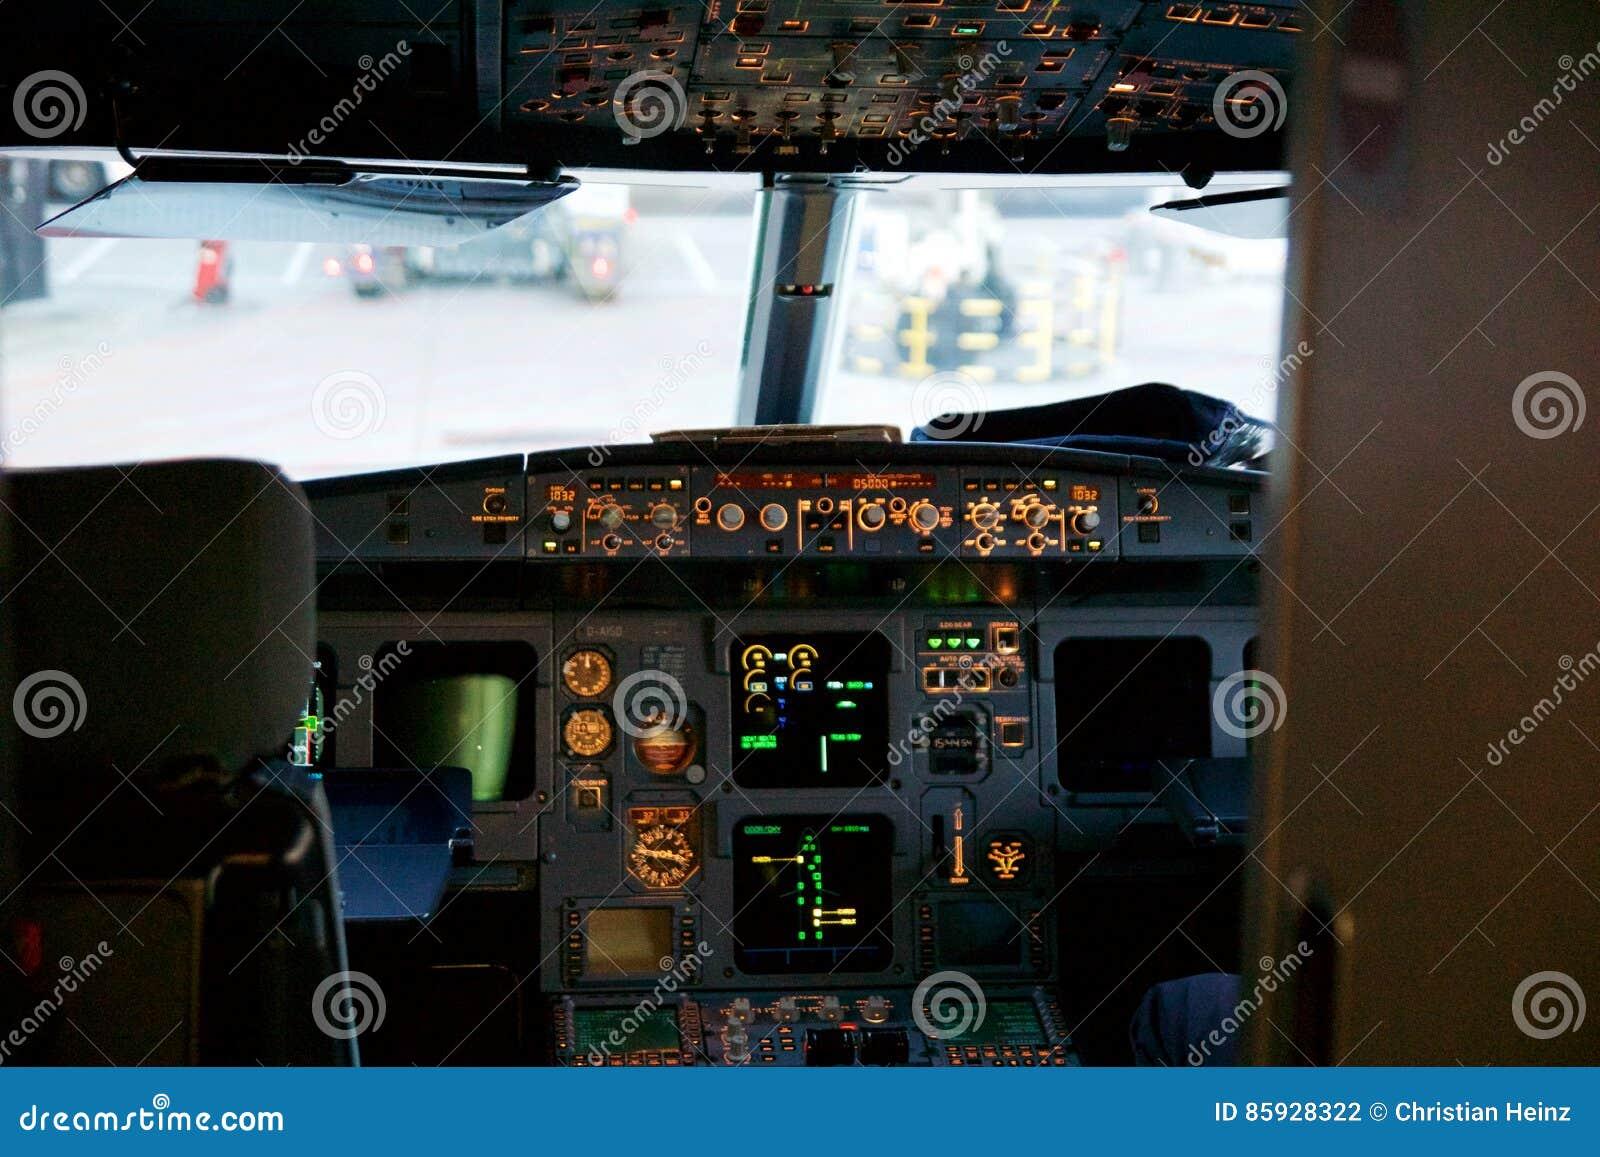 francfort allemagne 20 janvier 2017 intrieur d habitacle d airbus a320 la famille